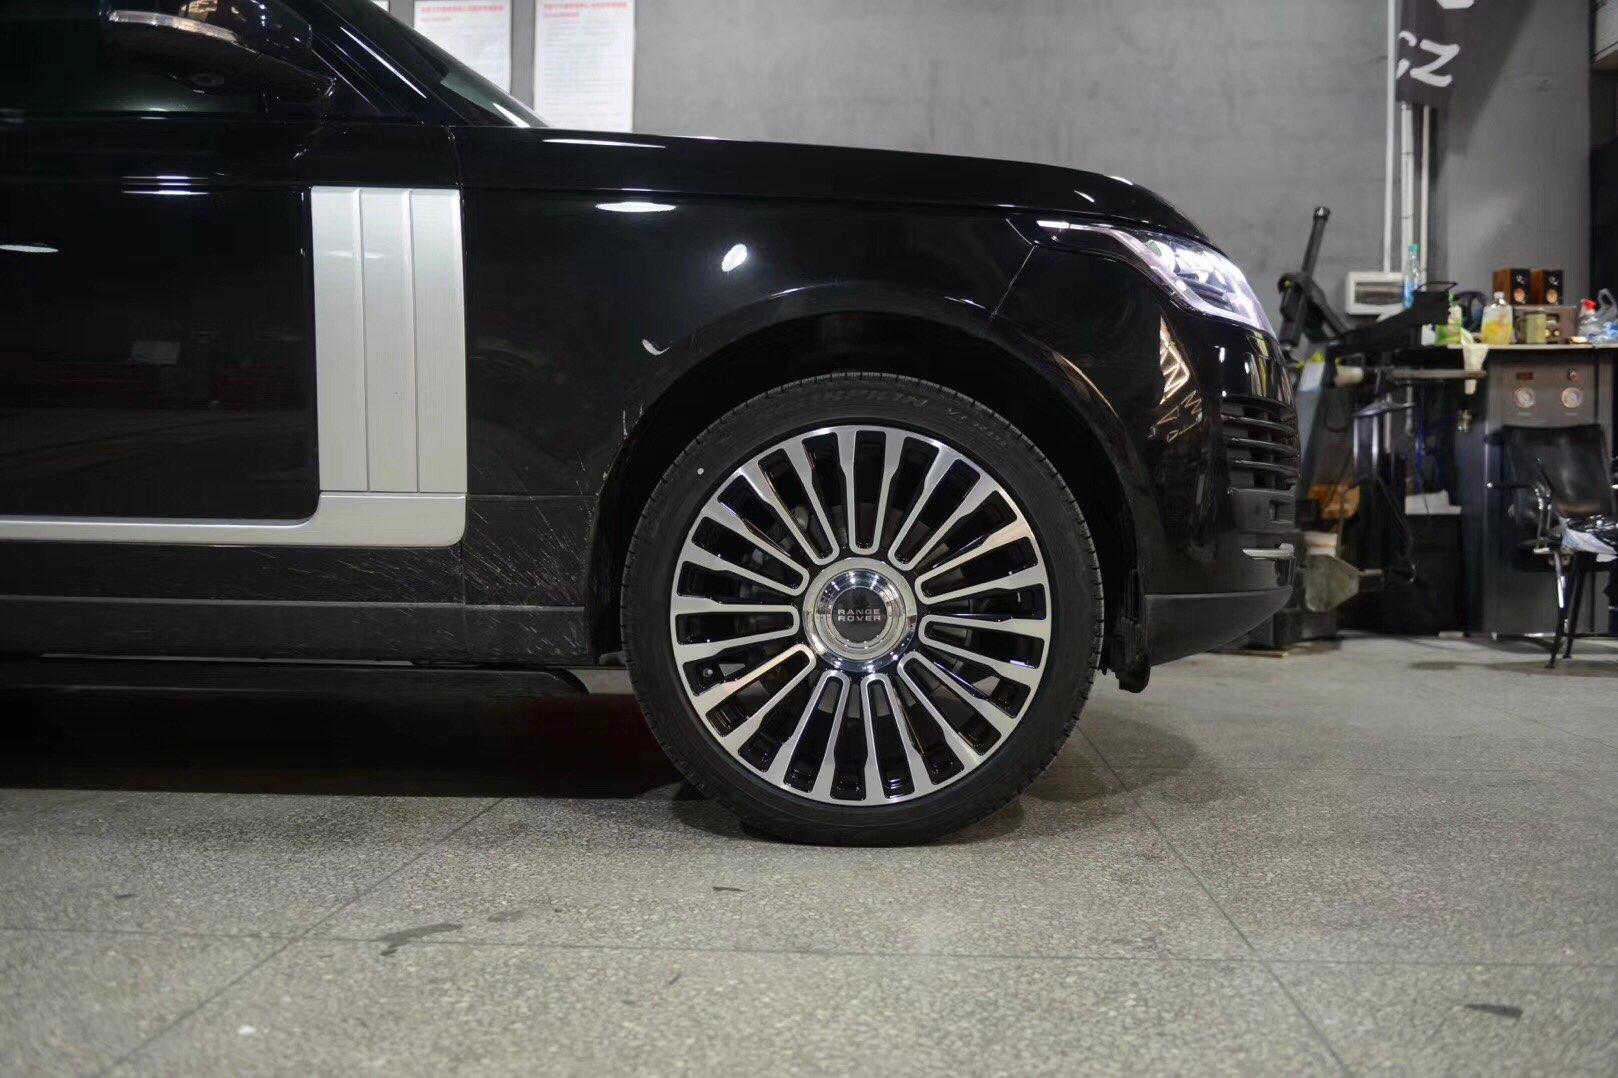 路虎揽胜改装网红锻造轮毂-上车效果图、21、22现货供应